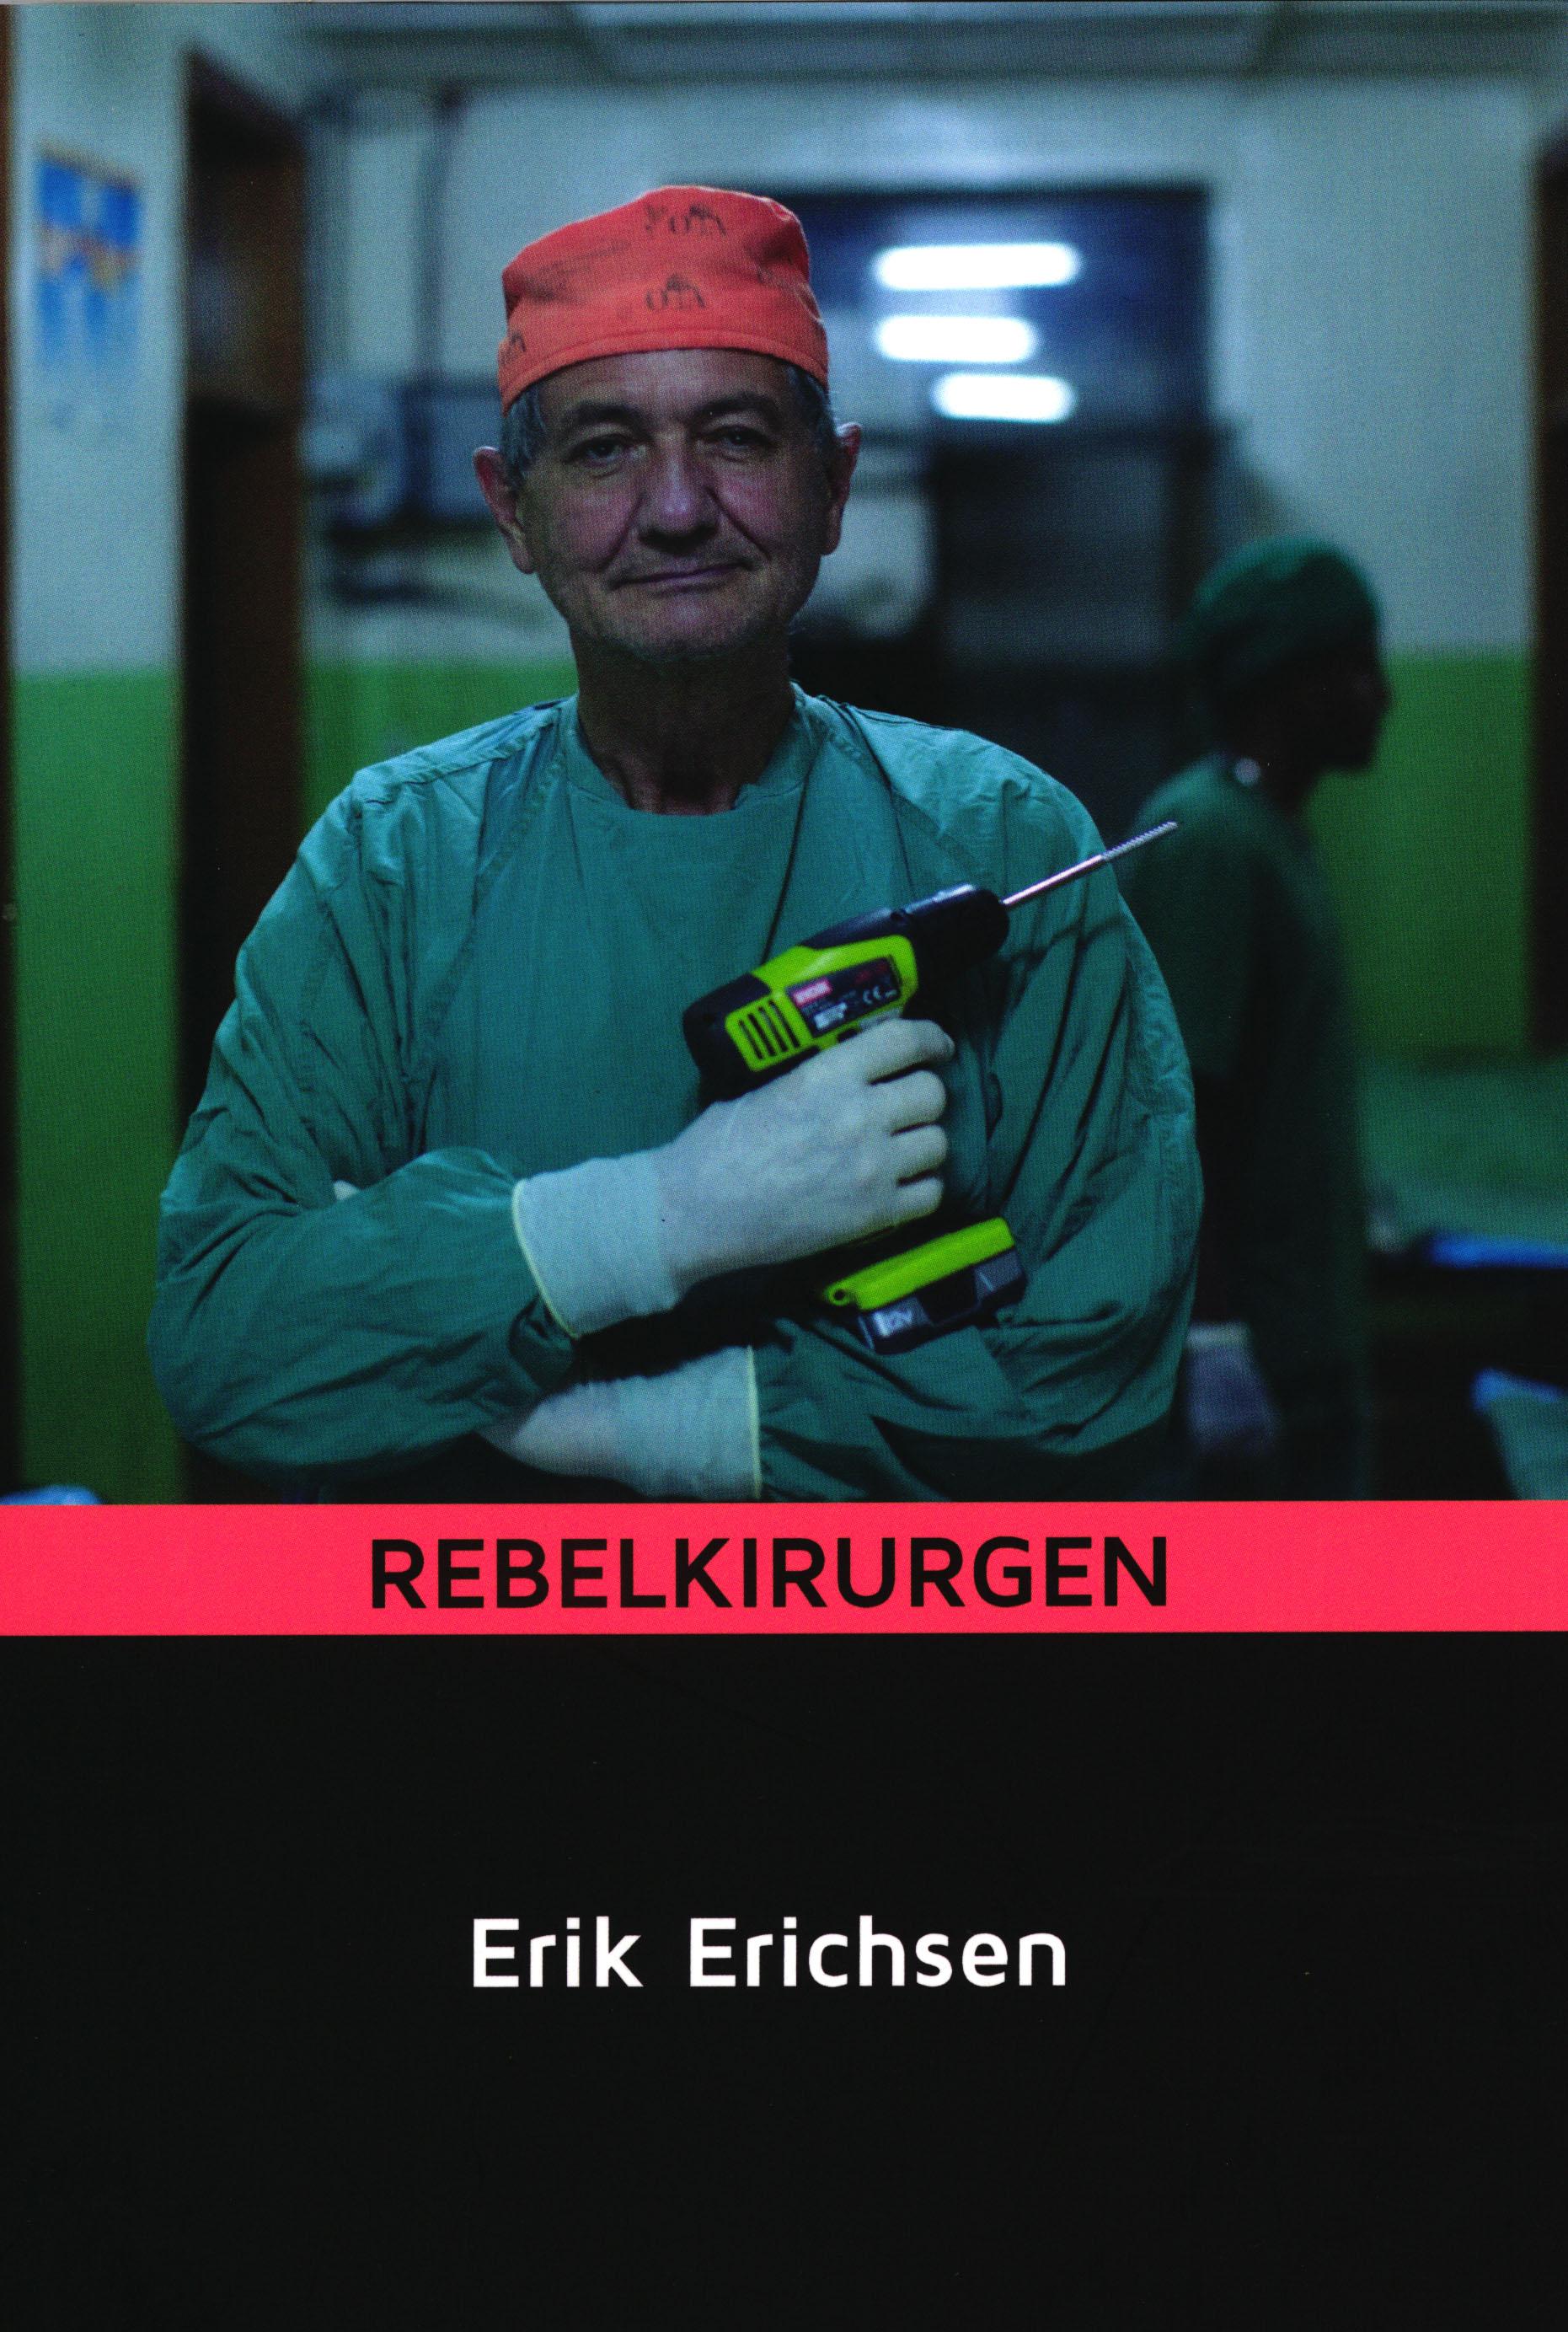 Rebelkirugen - Erik Erichsen - Bøger - Rebelkirugens Forlag - 9788797126707 - 6/6-2019